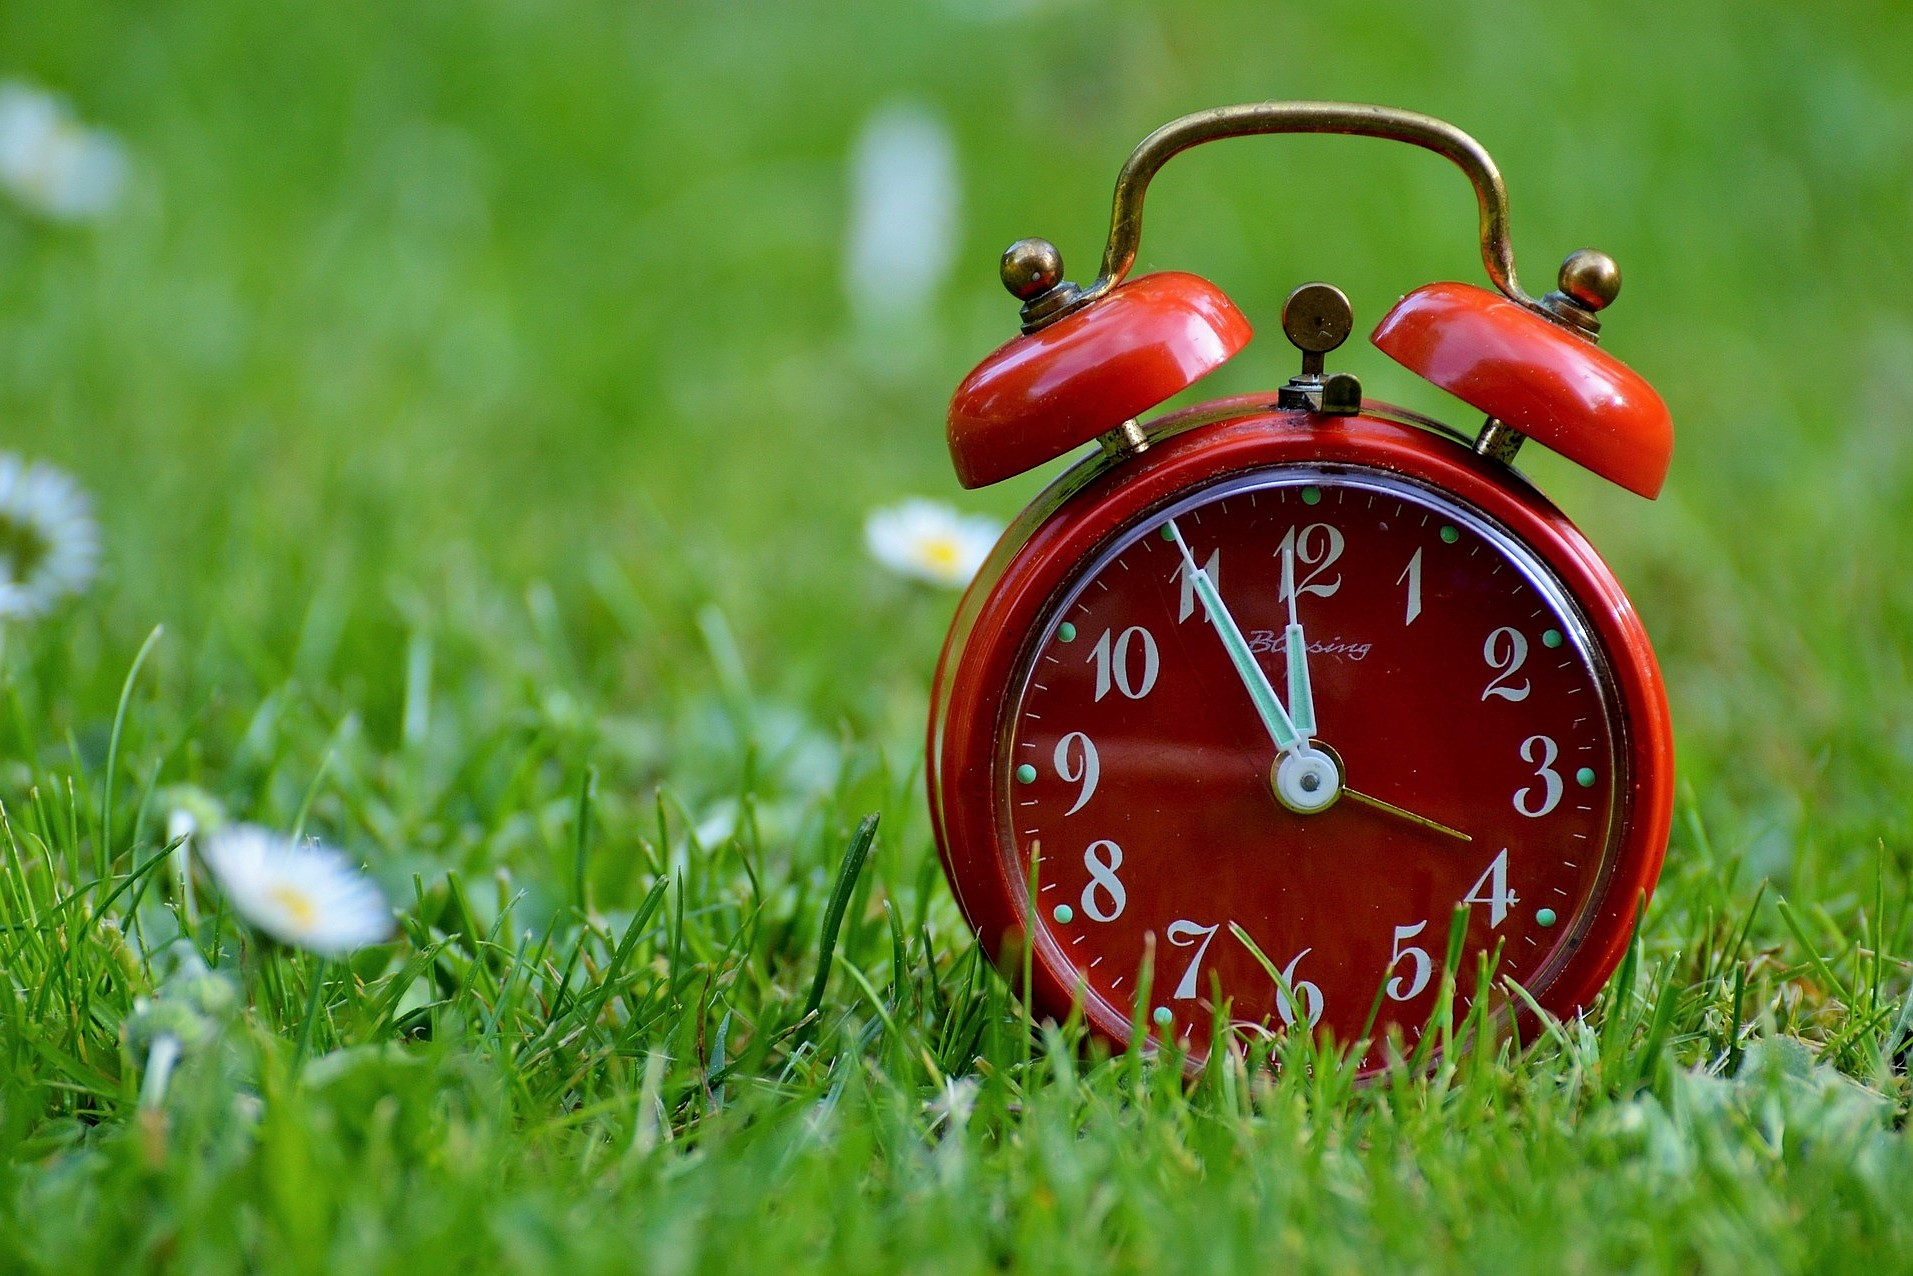 PSU har ønsket å skaffe seg et felles erfaringsgrunnlag for å få et bedre utgangspunkt for arbeidstidsforhandlingene høsten 2017. (Foto: Pixabay/Illustrasjon)